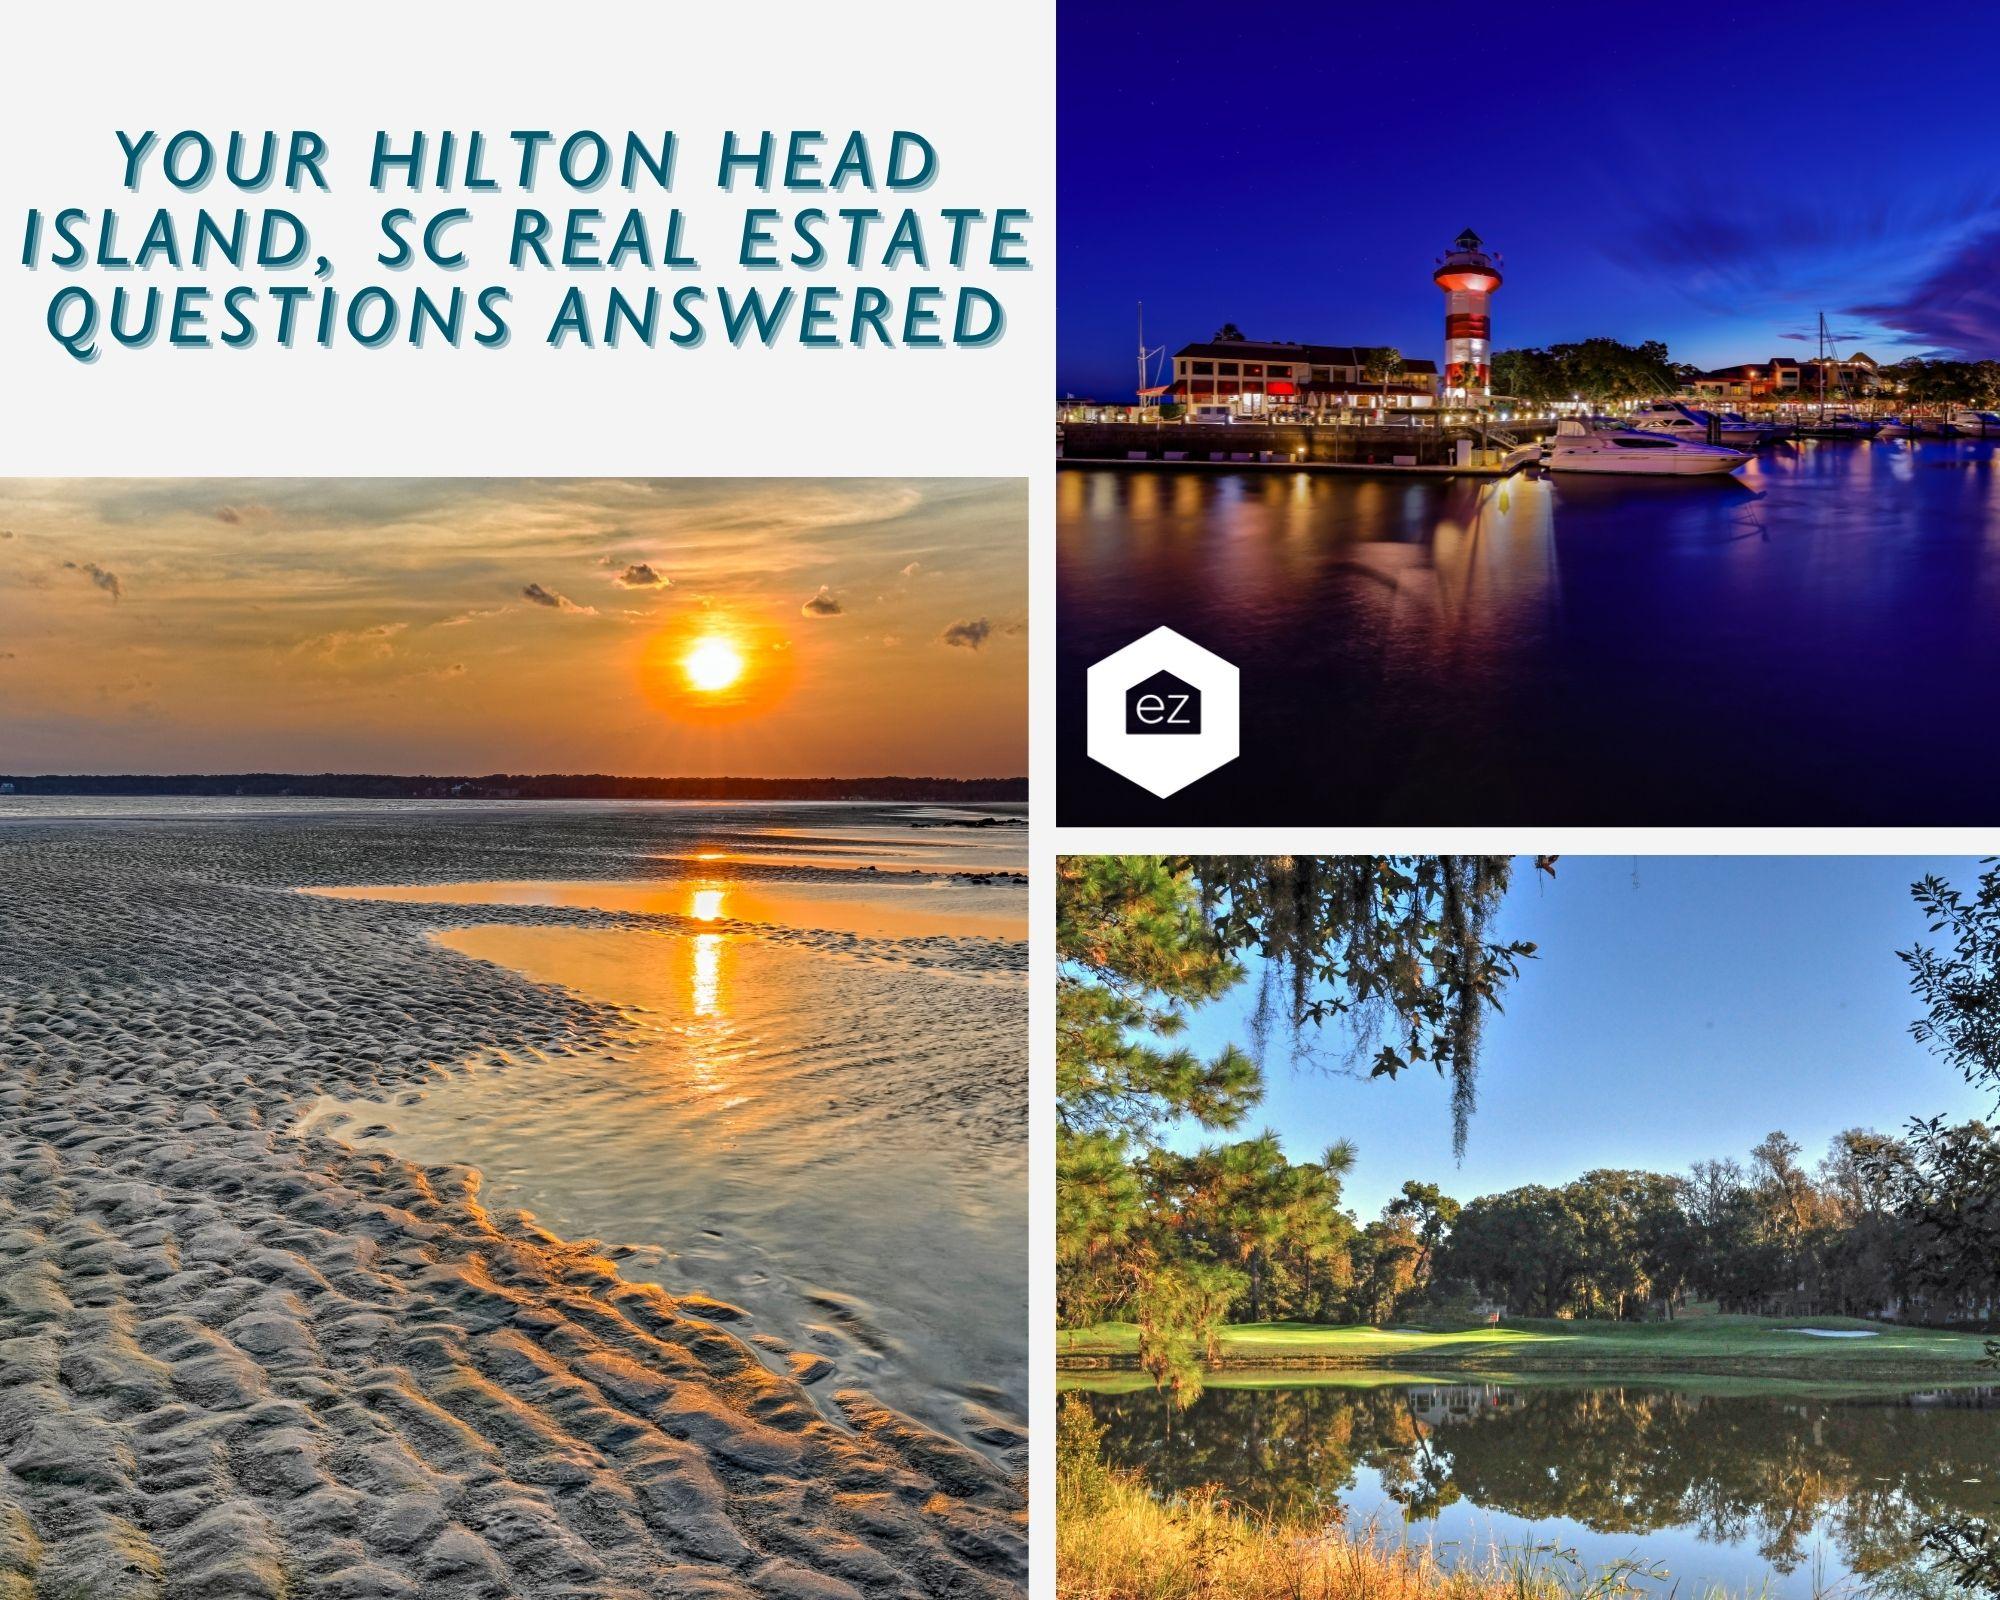 Photos of Hilton Head Island, SC